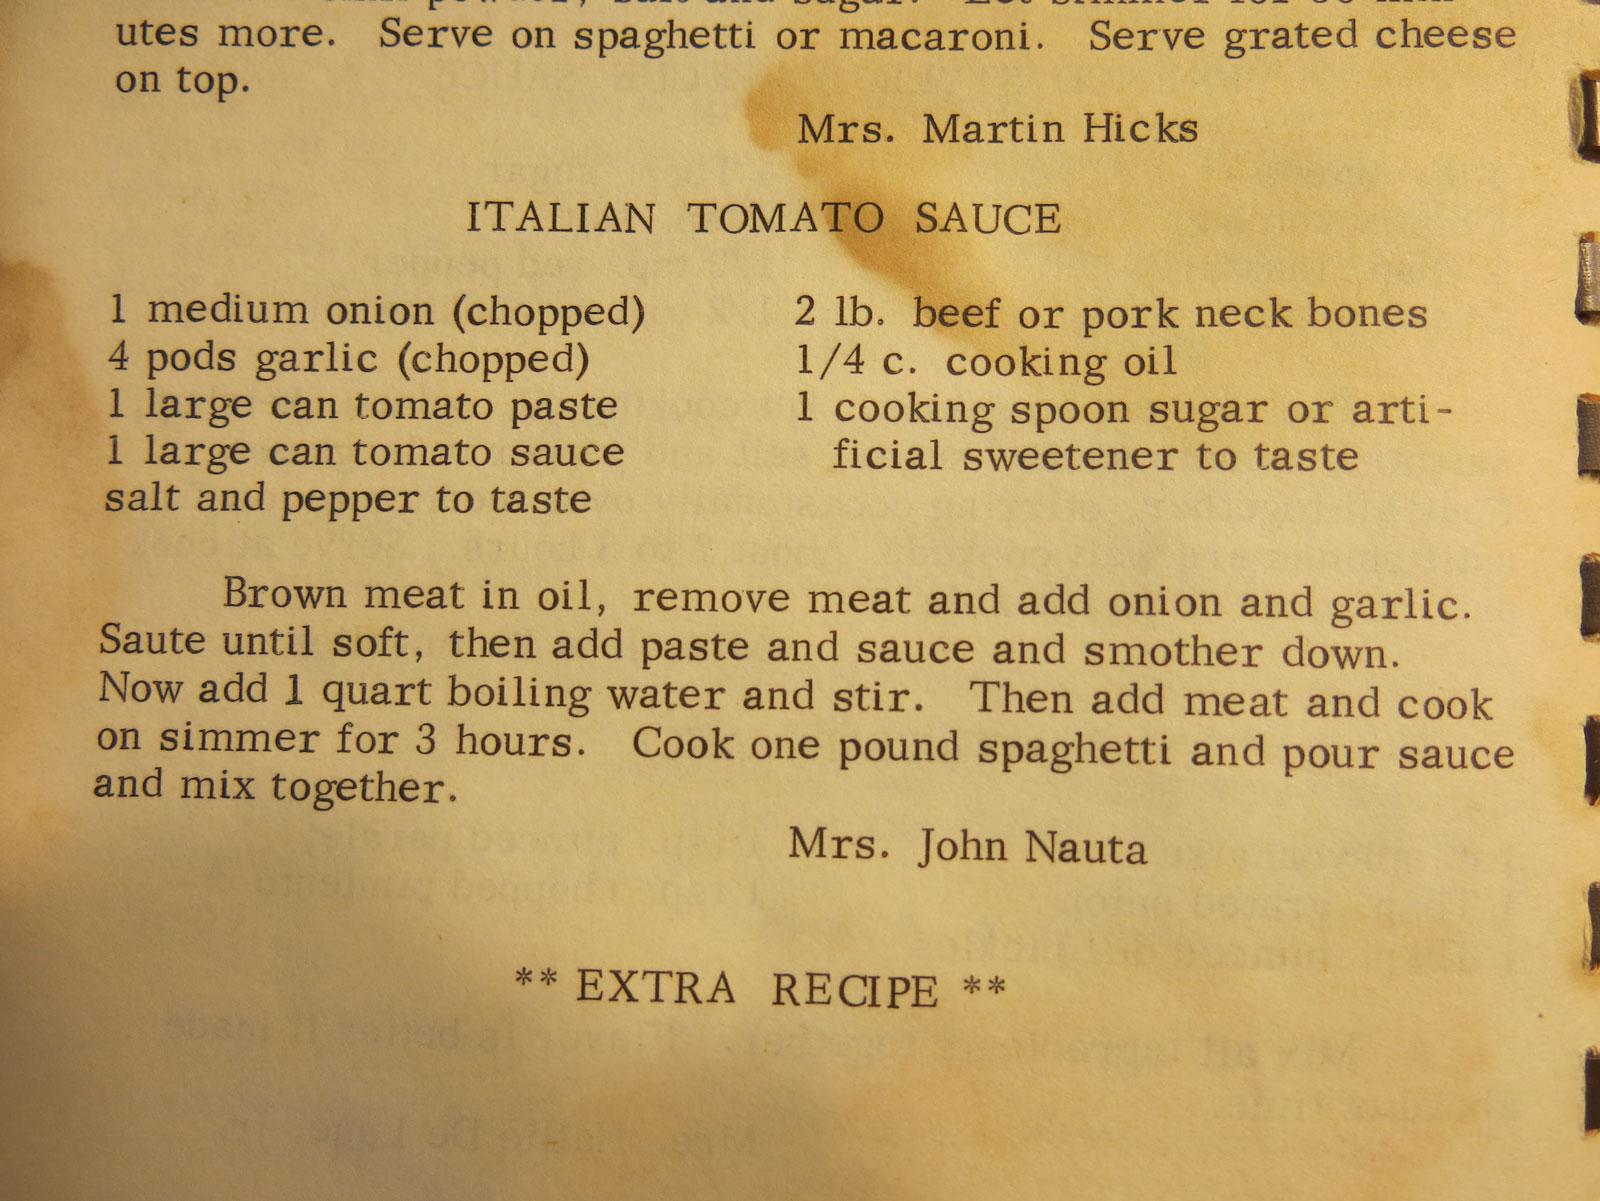 Mom's famous homemade ragu recipe. I use pork sausage in lieu of the pork neck bones.